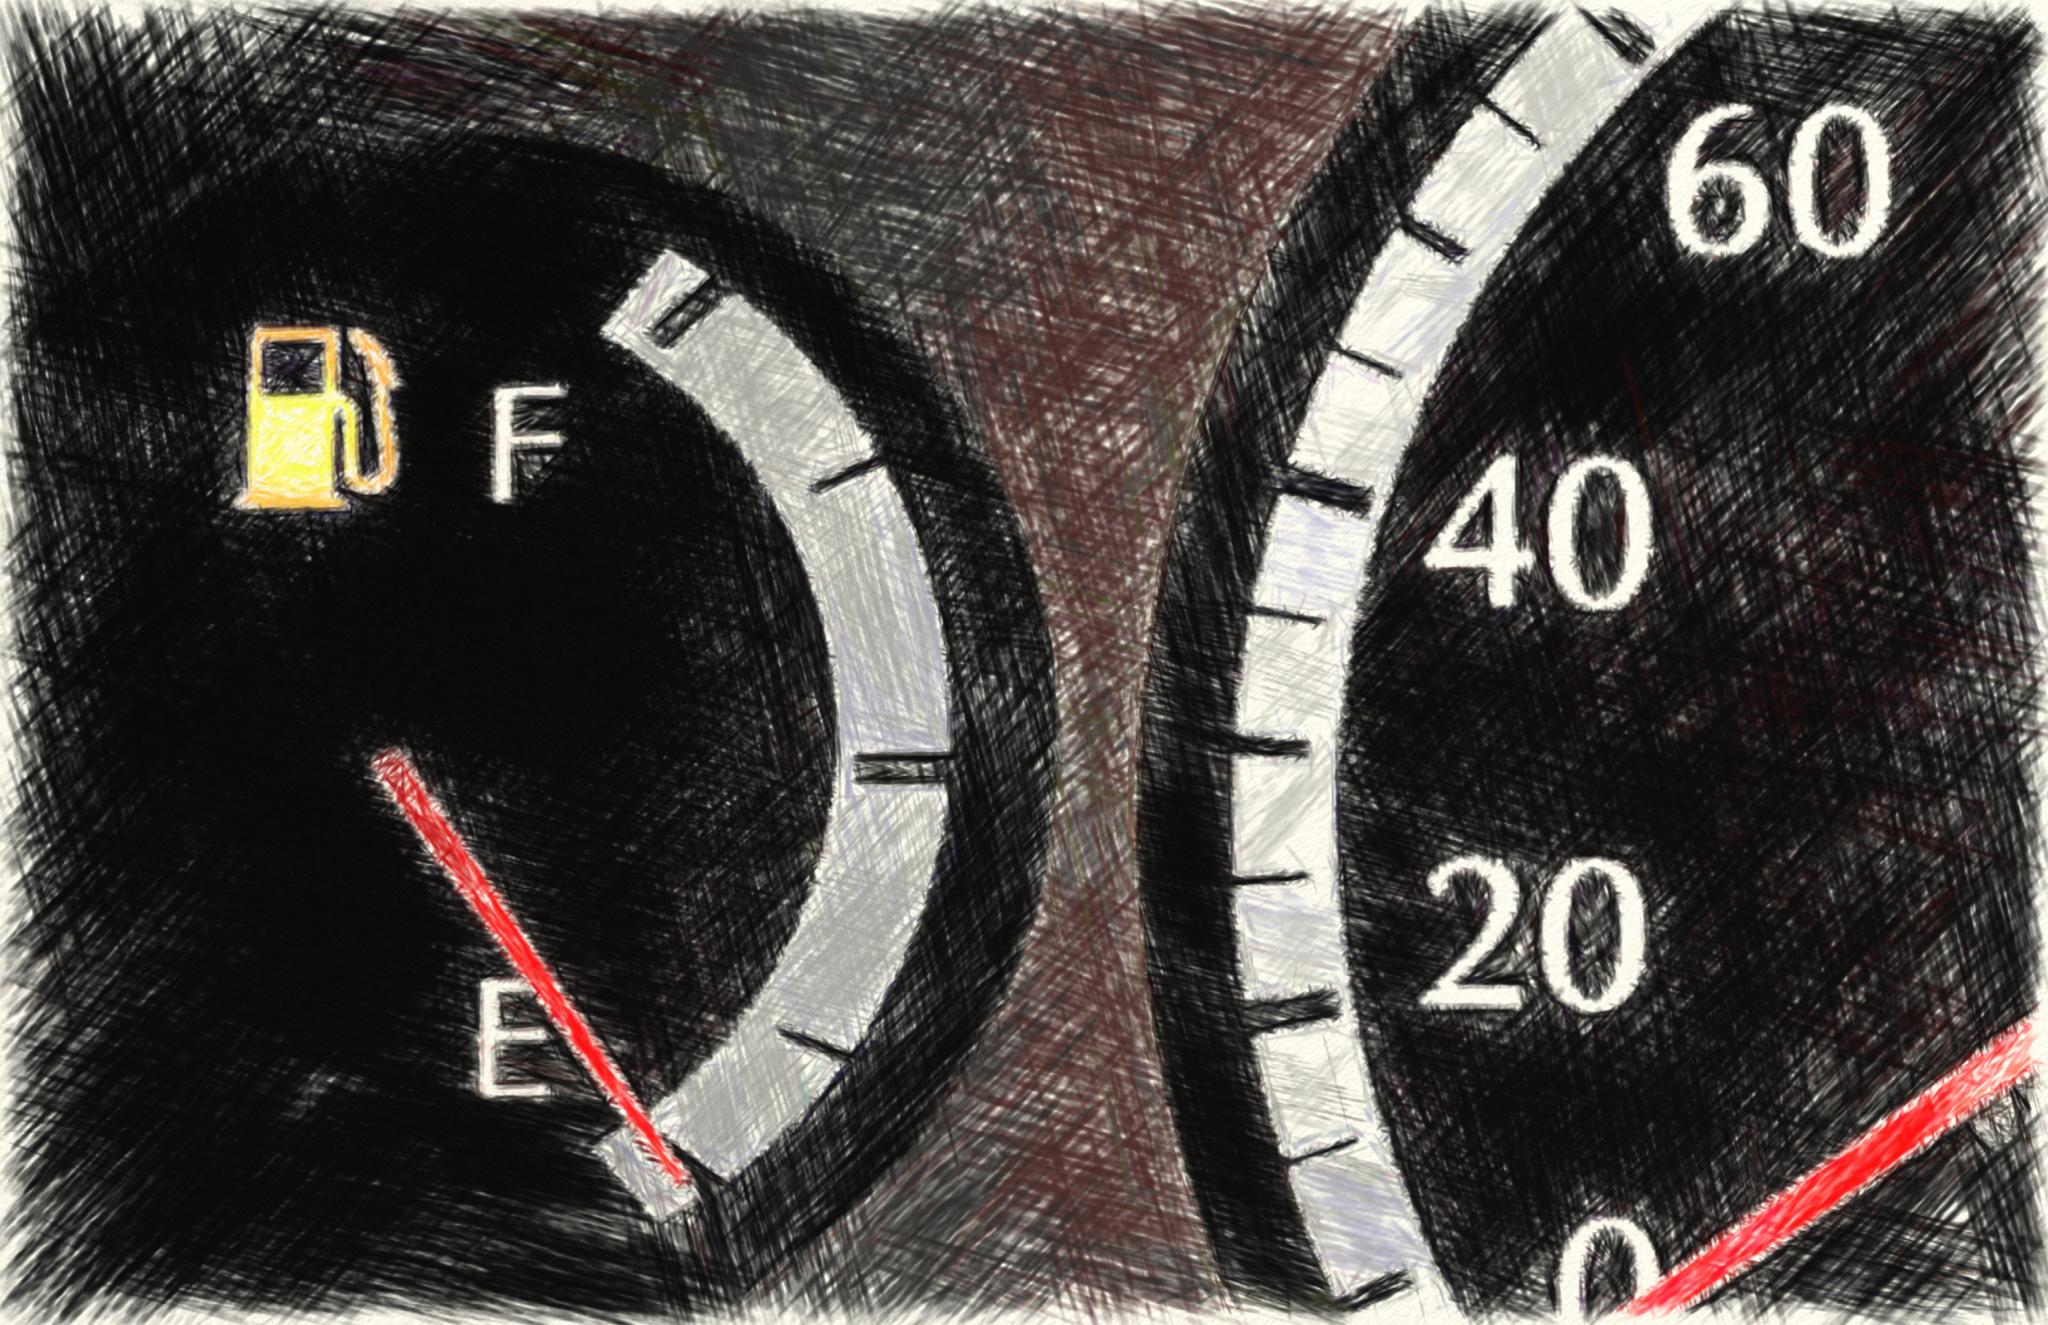 ガソリン ランプ が ついて から 走れる 距離